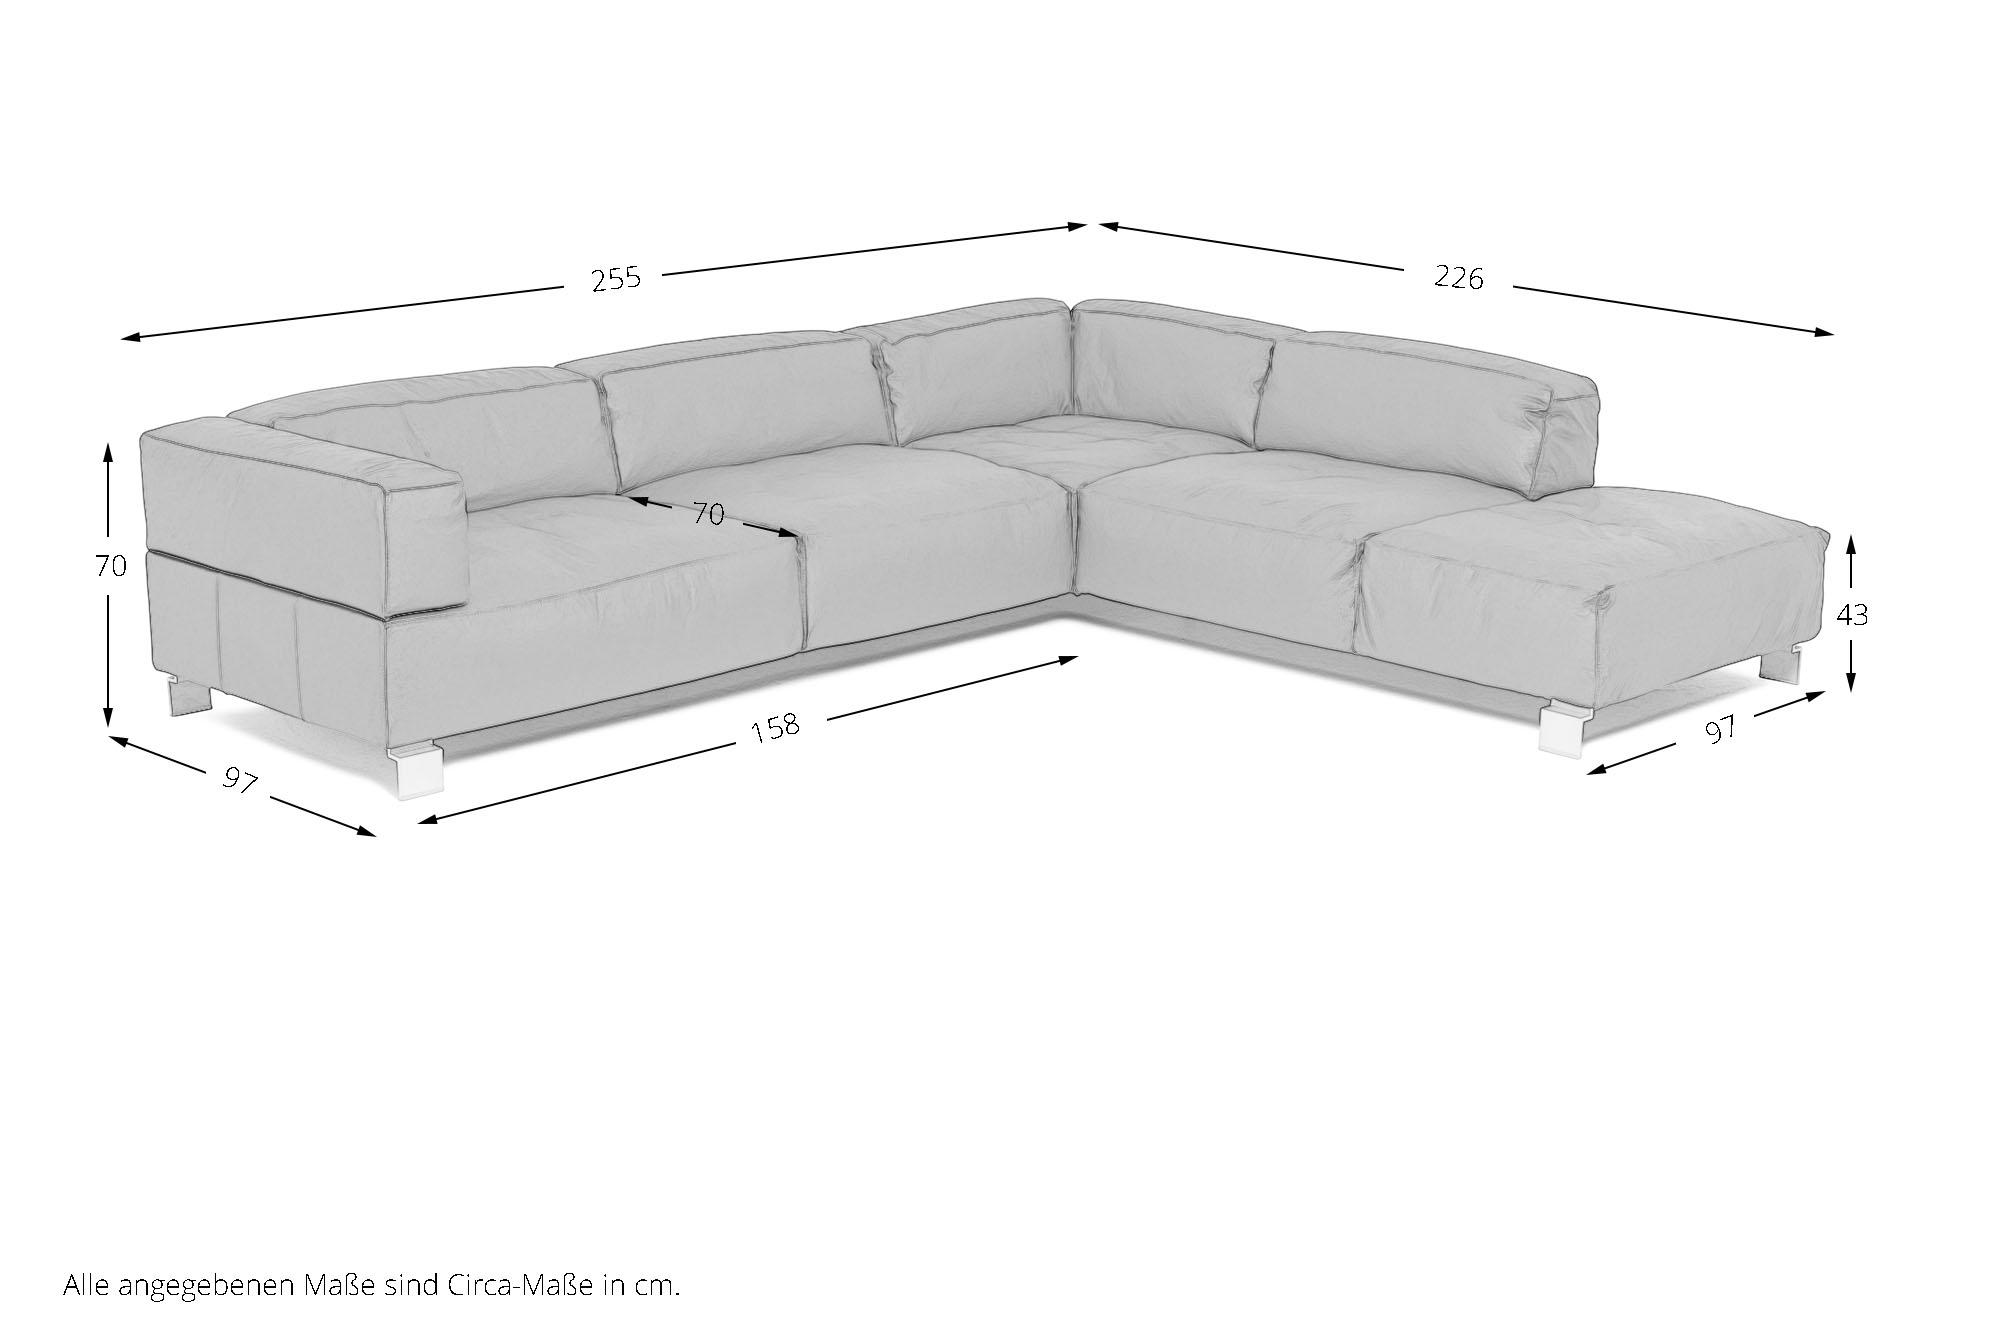 k w polsterm bel loft ledersofa rot m bel letz ihr online shop. Black Bedroom Furniture Sets. Home Design Ideas